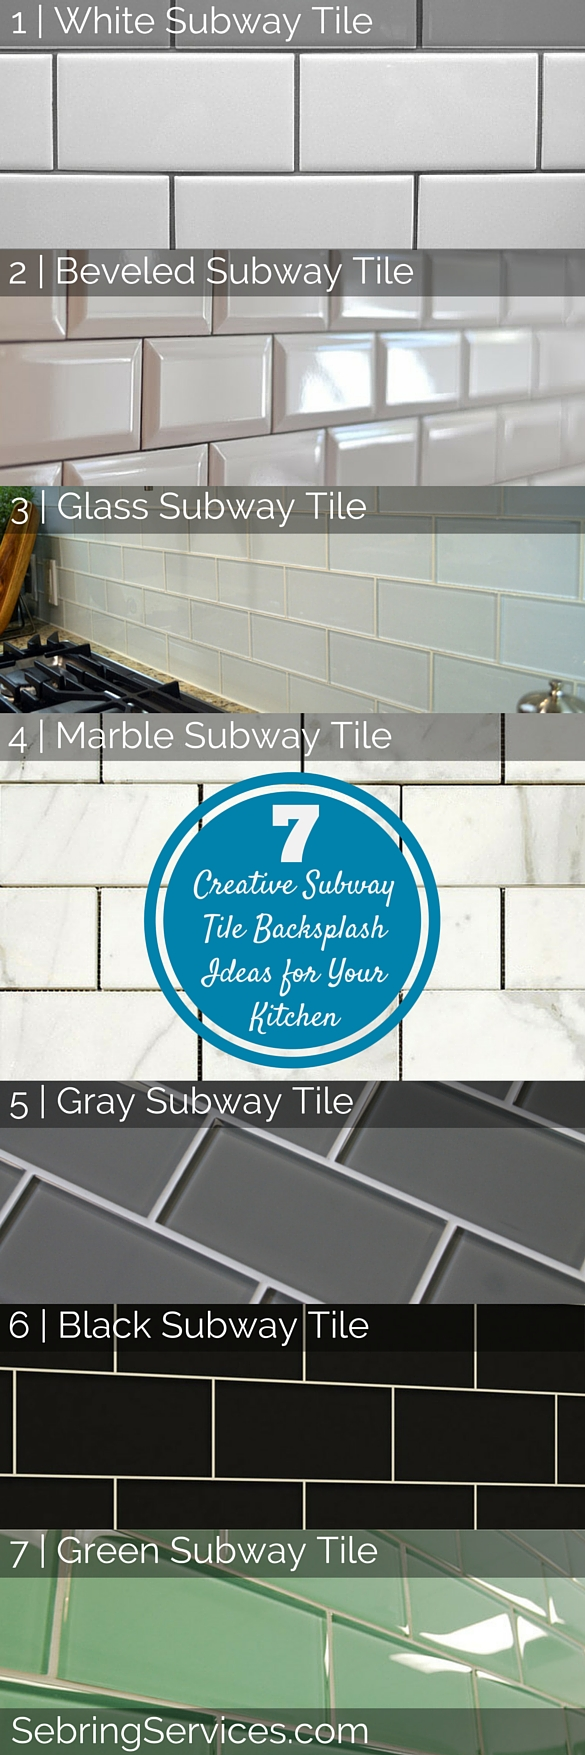 7 Creative Subway Tile Backsplash Ideas For Your Kitchen Home Remodeling Contractors Sebring Design Build